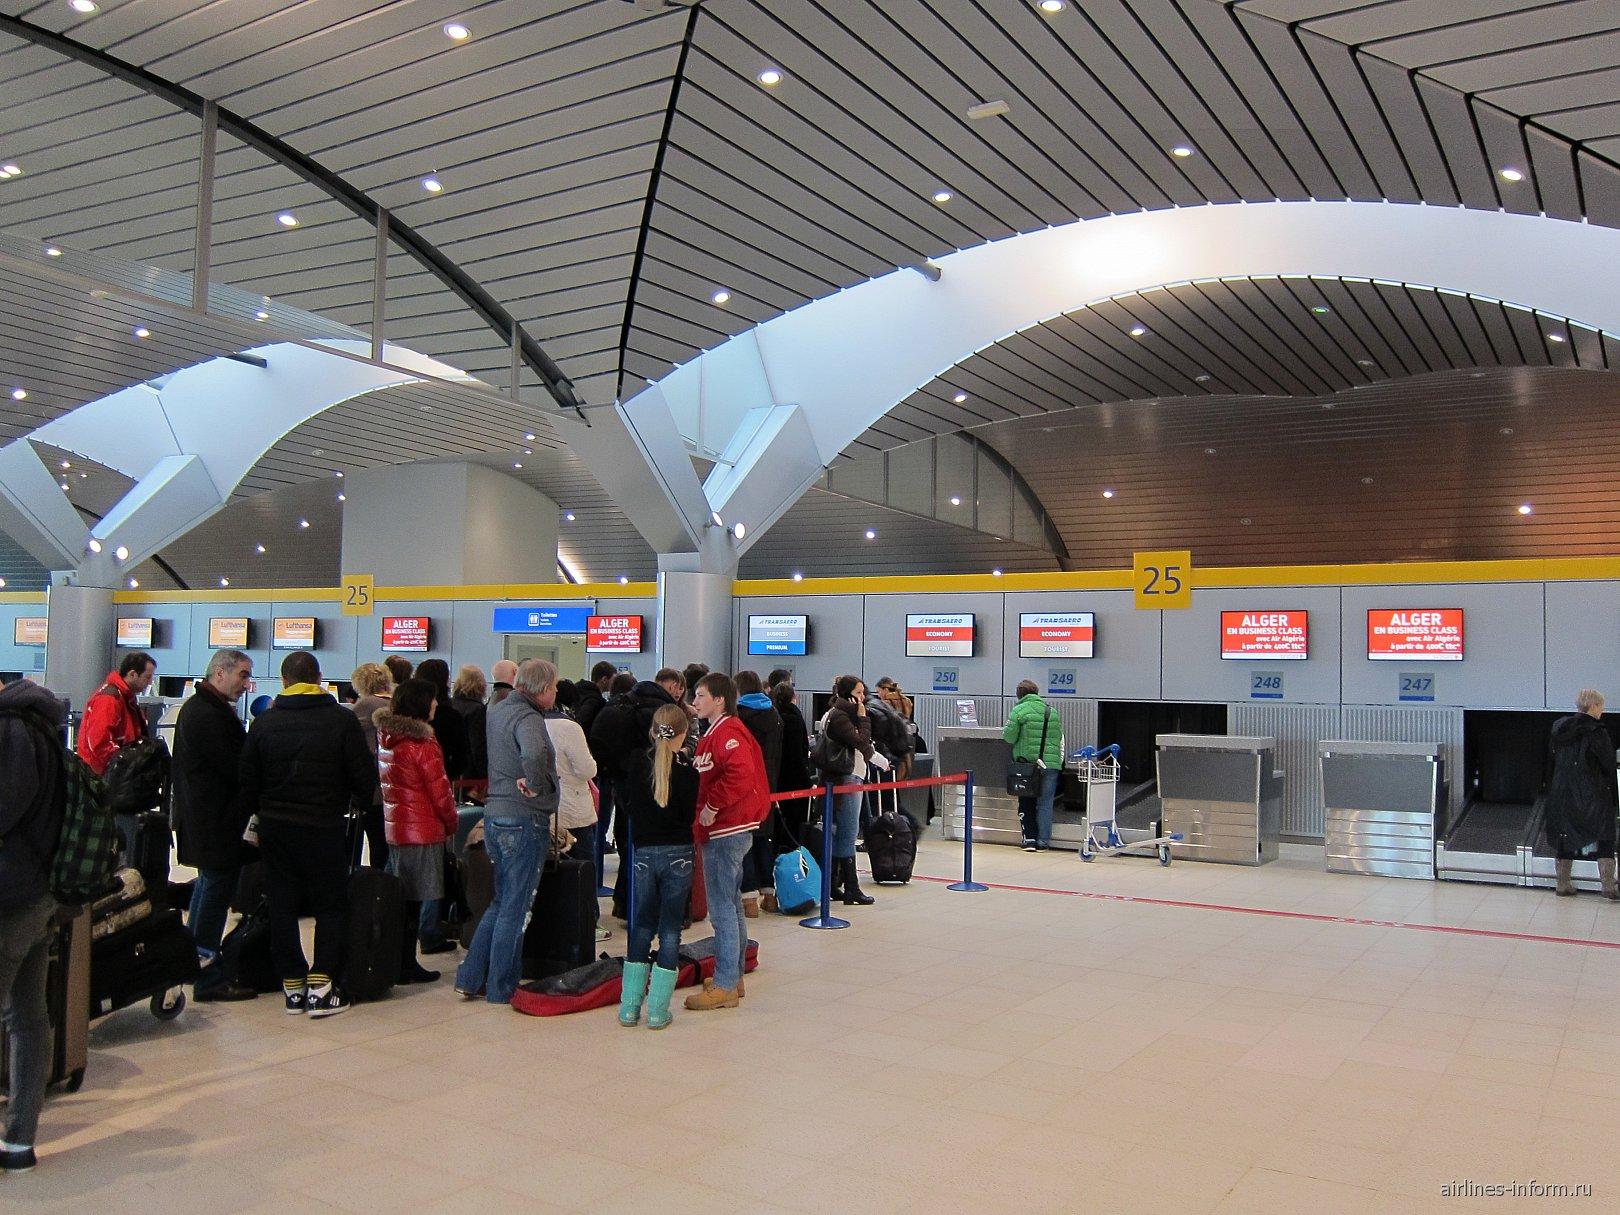 Стойки регистрации в терминале 2 аэропорта Лион Сент-Экзюпери